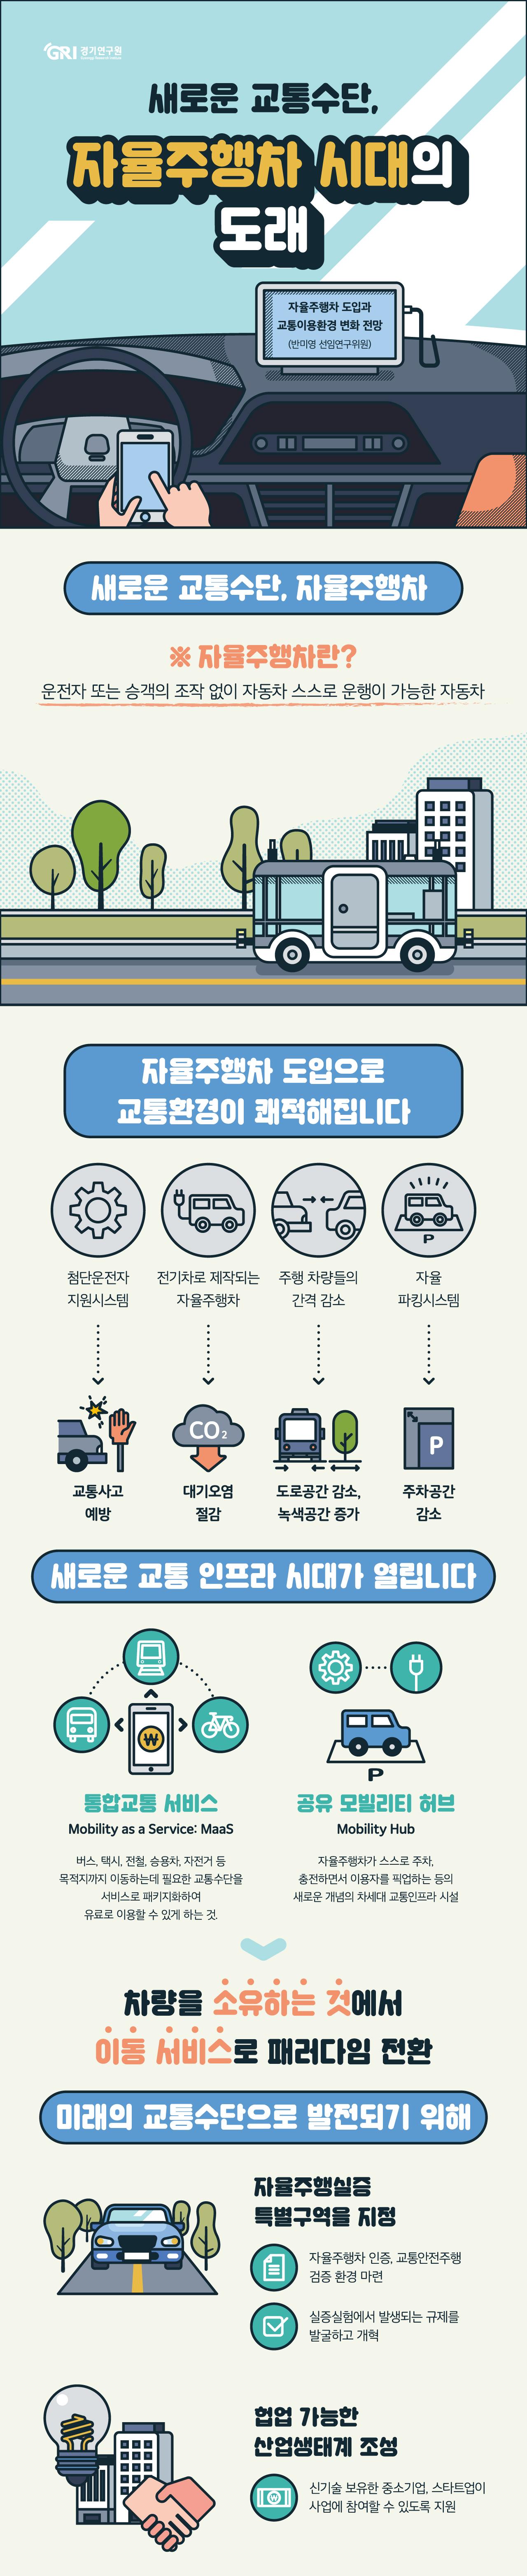 2017년 11월 16일 '제로셔틀(Zero Shuttle)'이 경기도 성남시 판교제로시티에서 탄생했다. 제로셔틀은 우리나라에서 최초로 개발된 자율주행 미니버스이다. 우리는 '제로셔틀'을 짧게는 몇 년, 길게는 몇 십년 내에 이동수단으로 타고 있을지도 모른다.   자율주행차는 가까운 미래에 교통접근성, 안전성, 편리성을 높이고 환경문제를 해결할 수 있는 대안 중 하나로 떠오르고 있다. 자율주행차는 「자동차 관리법」에 의하면 '운전자 또는 승객의 조작 없이 자동차 스스로 운행이 가능한 자동차'로 정의된다. 자율주행차는 운전자가 피곤할 때 안전하게 운전을 지원해주고 졸음 등 인적요인으로 발생할 교통사고를 감소시켜 줄 것이다. 이미 자율주행기술 중에 하나인 첨단안전운전시스템(ADAS:Advanced Driver Assistance Systems)은 상용화되어 사고감소 효과를 나타내고 있다. 자율주행차들은 도로에서 운전자별 인지반응시간의 편차를 줄여 차간간격을 좁혀 도로용량을 증대시키고 자율주행주차시스템은 주차공간을 최소화시킬 수 있다. 전기차로 만들어진 자율주행차 생산과 보급은 대기질도 개선할 수 있다. 최근 핀란드에서는 여러 교통수단을 묶어 이용자에게 스마트폰 어플을 이용하여 이동서비스 패키지로 제공하는 통합교통서비스(MaaS:Mobility as a Service)를 제공하였는데 자율주행기술은 이러한 서비스를 더욱 확대시킬 것이다. 지금의 환승센터 개념과 유사한 미래의 공유 모빌리티 허브(Mobility Hub)에서 자율주행차는 스스로 충전하고 파킹하며 승객을 픽업해주고 이동한다. 승객들은 운전이나 이동에 스트레스 받지 않으면서 업무, 여가효율을 높일 수 있는 시대가 올 수도 있다.   우리의 첫 자율주행셔틀인 '제로셔틀'이 미래의 교통수단으로 발전되기 위해서는 정부주도로 자율주행 실증실험을 활성화하여 기술을 검증하고 안전성을 평가할 수 있어야 한다. 판교제로시티를 '자율주행실증 특별구역'으로 지정하여 적극적으로 규제를 개혁할 수 있는 환경을 만들어야 한다. 자동차, 자율주행기술, 빅데이터 등의 자율주행과 관련하여 신기술을 보유하고 있는 중소기업, 스타트업이 국가단위의 기술개발 사업에도 참여할 수 있도록 지원해야 한다.